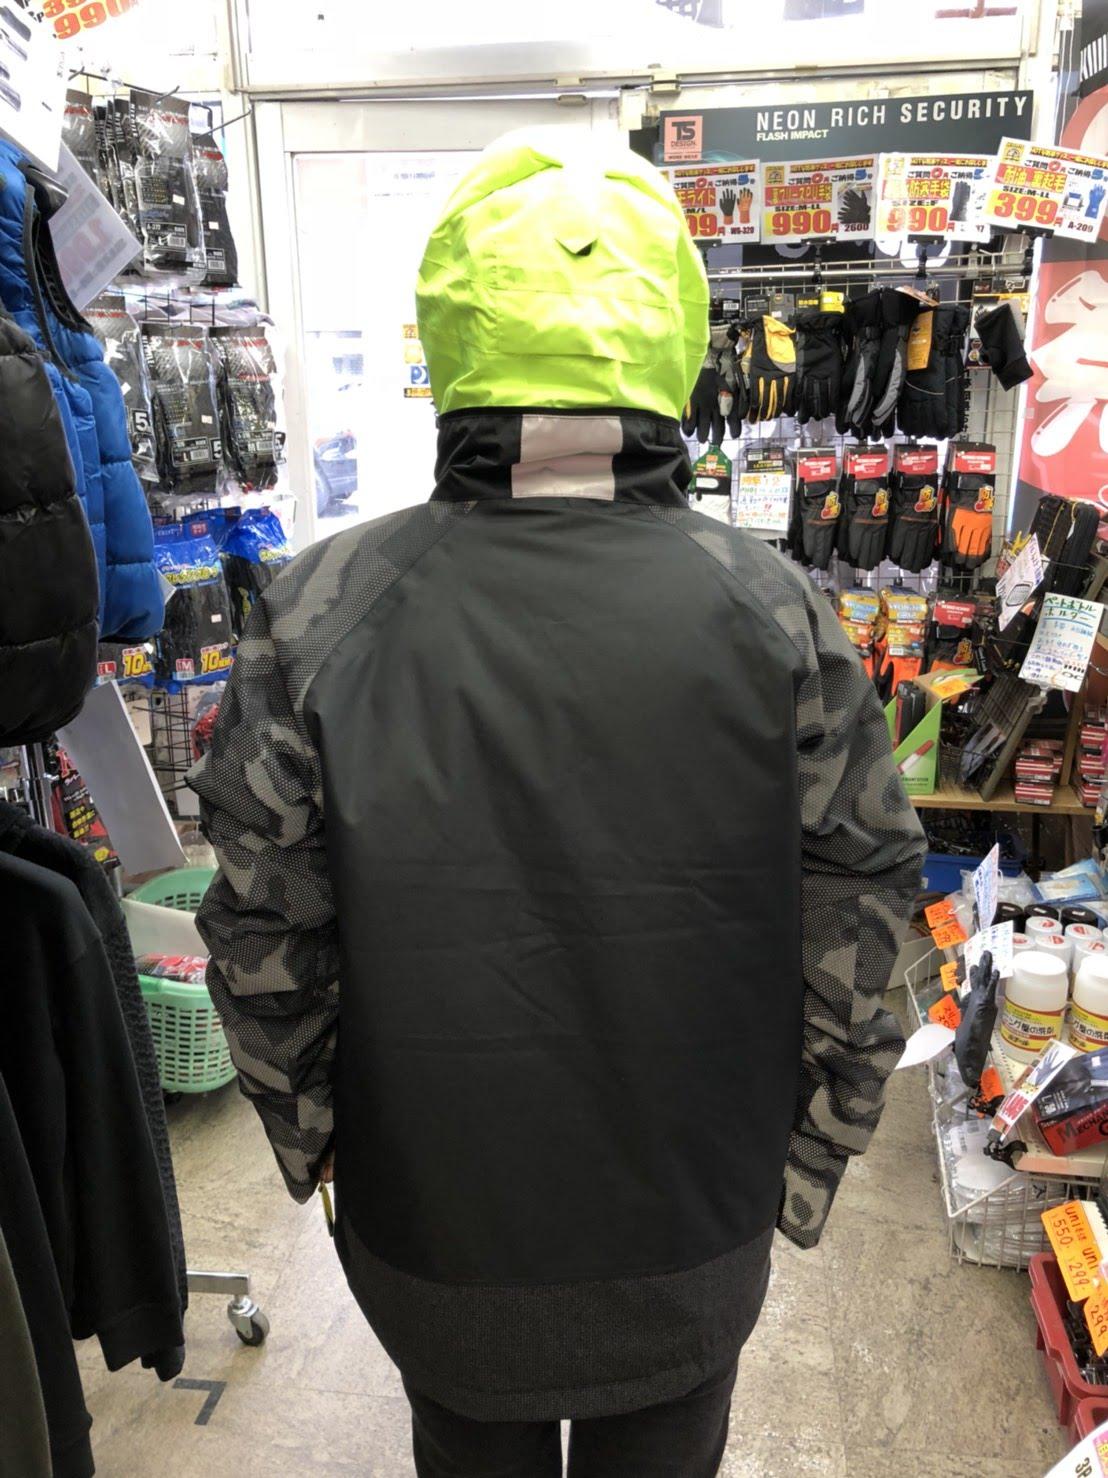 TS DESIGN  18236 メガヒートフラッシュ防水防寒ジャケット 後ろはこんな感じです。カッコイイ。